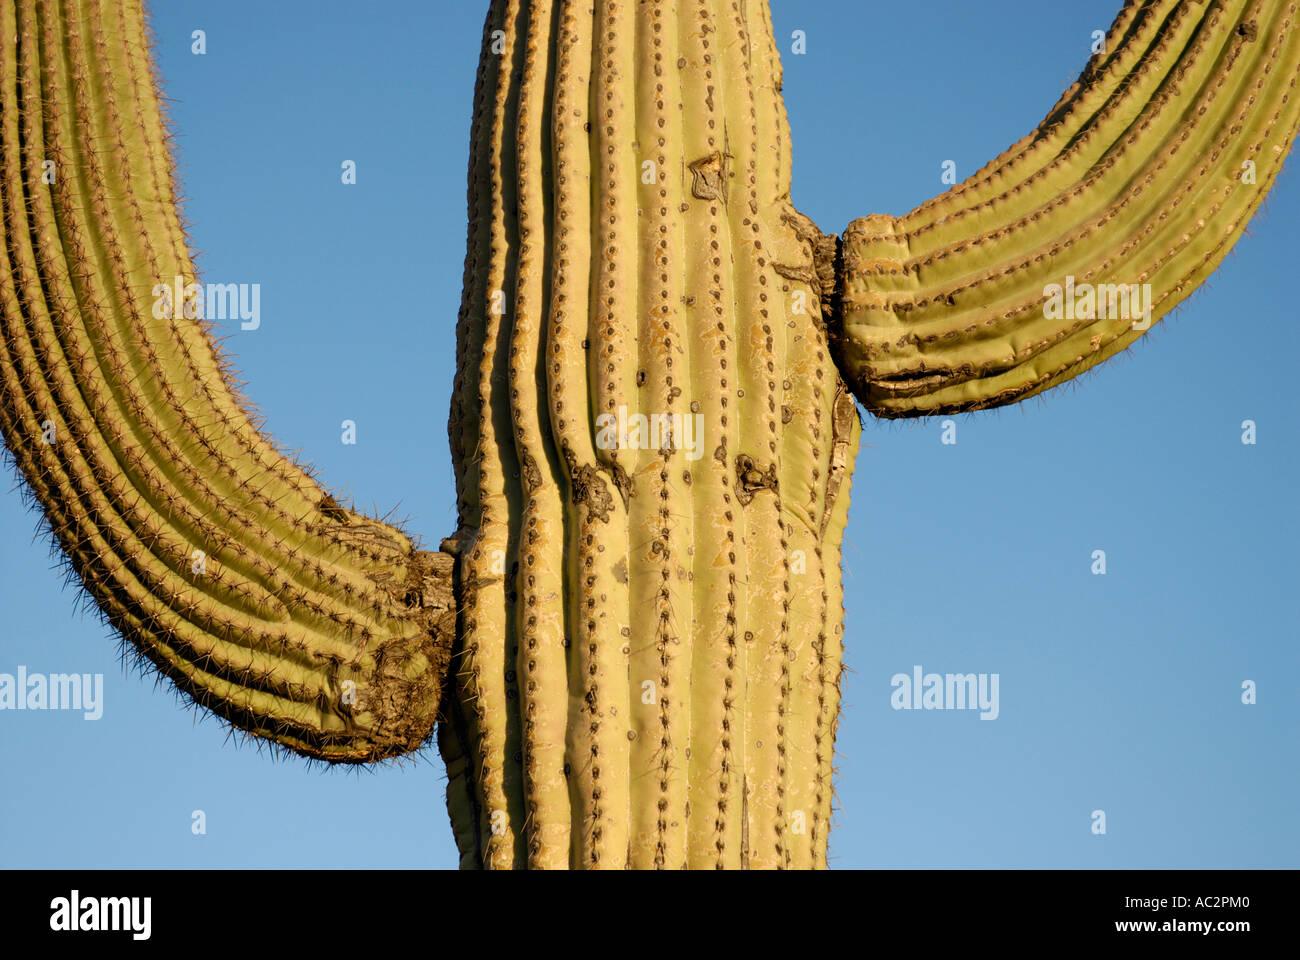 Kandelaberkaktus Carnegiea Gigantea, close-up abstrakt mit beiden Armen gegen blauen Himmel, Sonora-Wüste, Südwesten Stockfoto